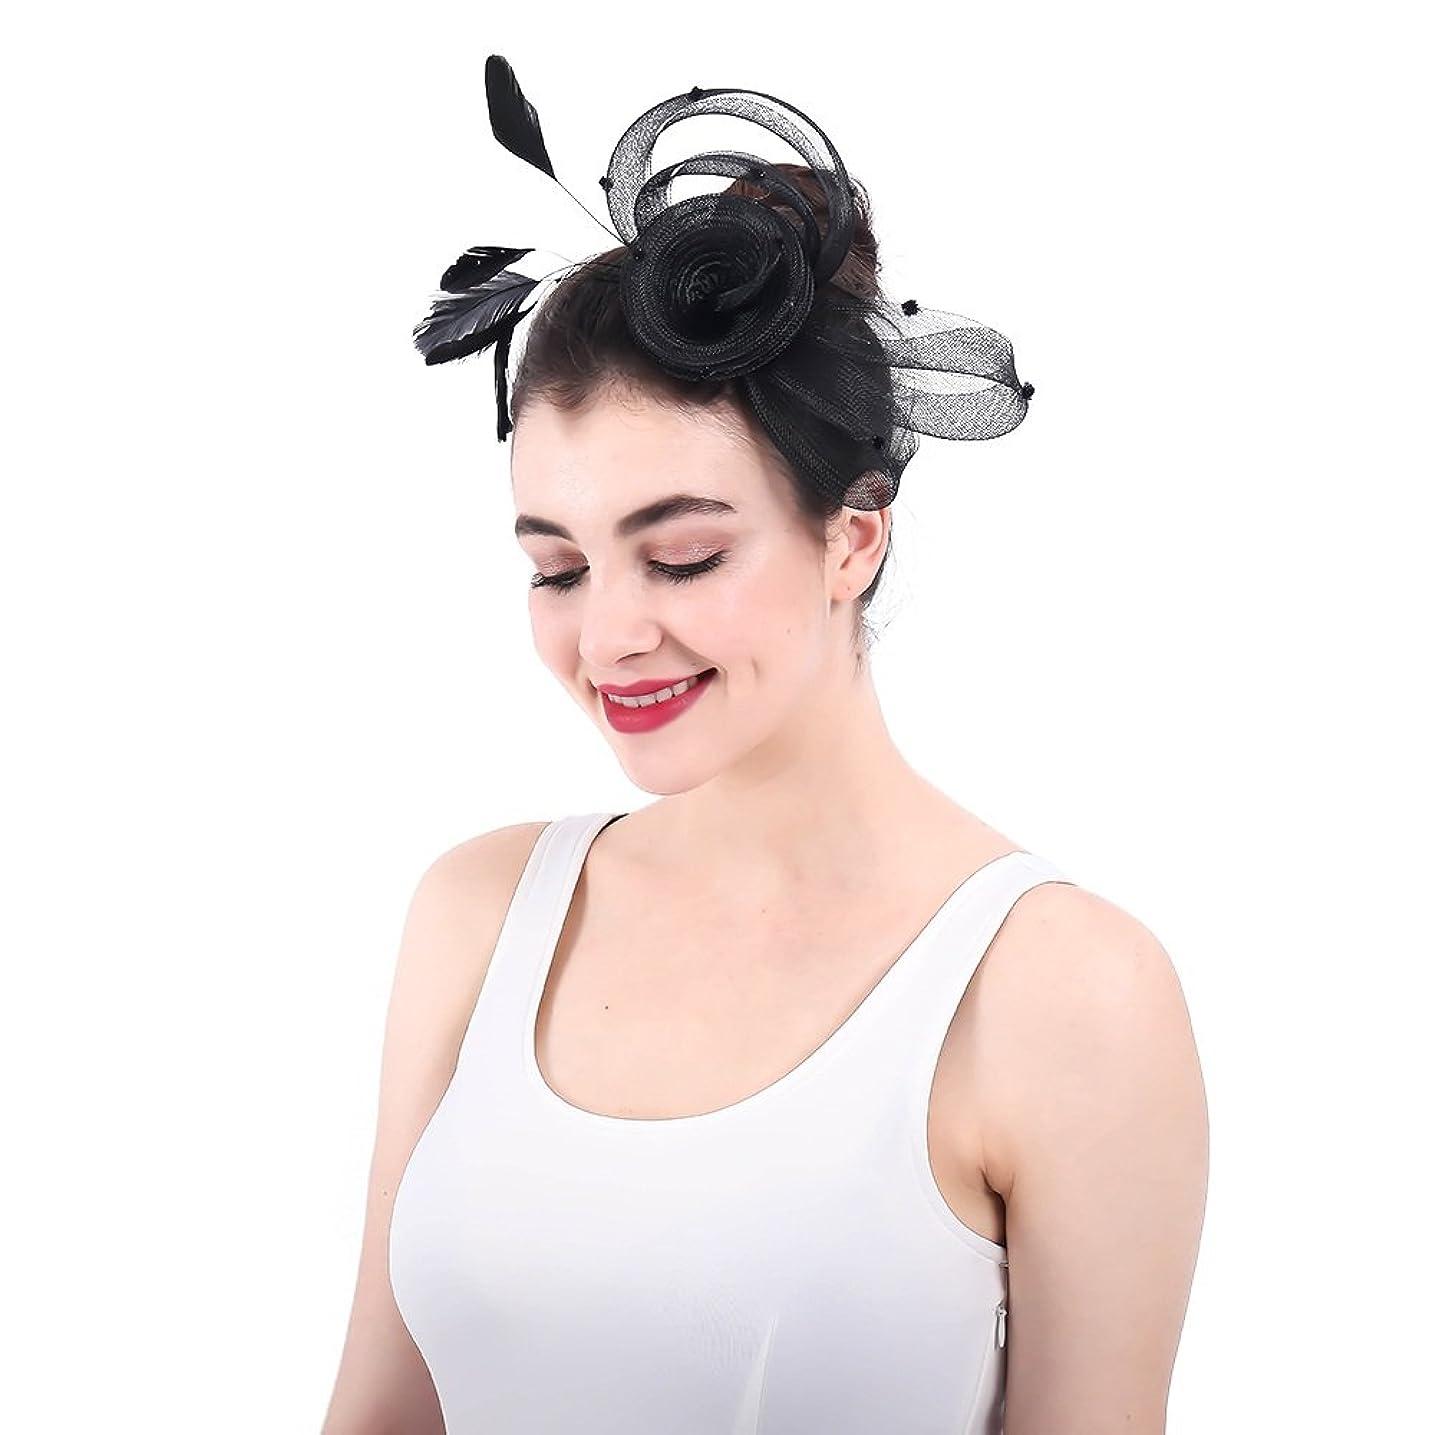 最近ファブリック同種の女性の魅力的な帽子 女性ライトシナマイ魅力的なヘアクリップアクセサリーウェディングカクテルティーパーティー